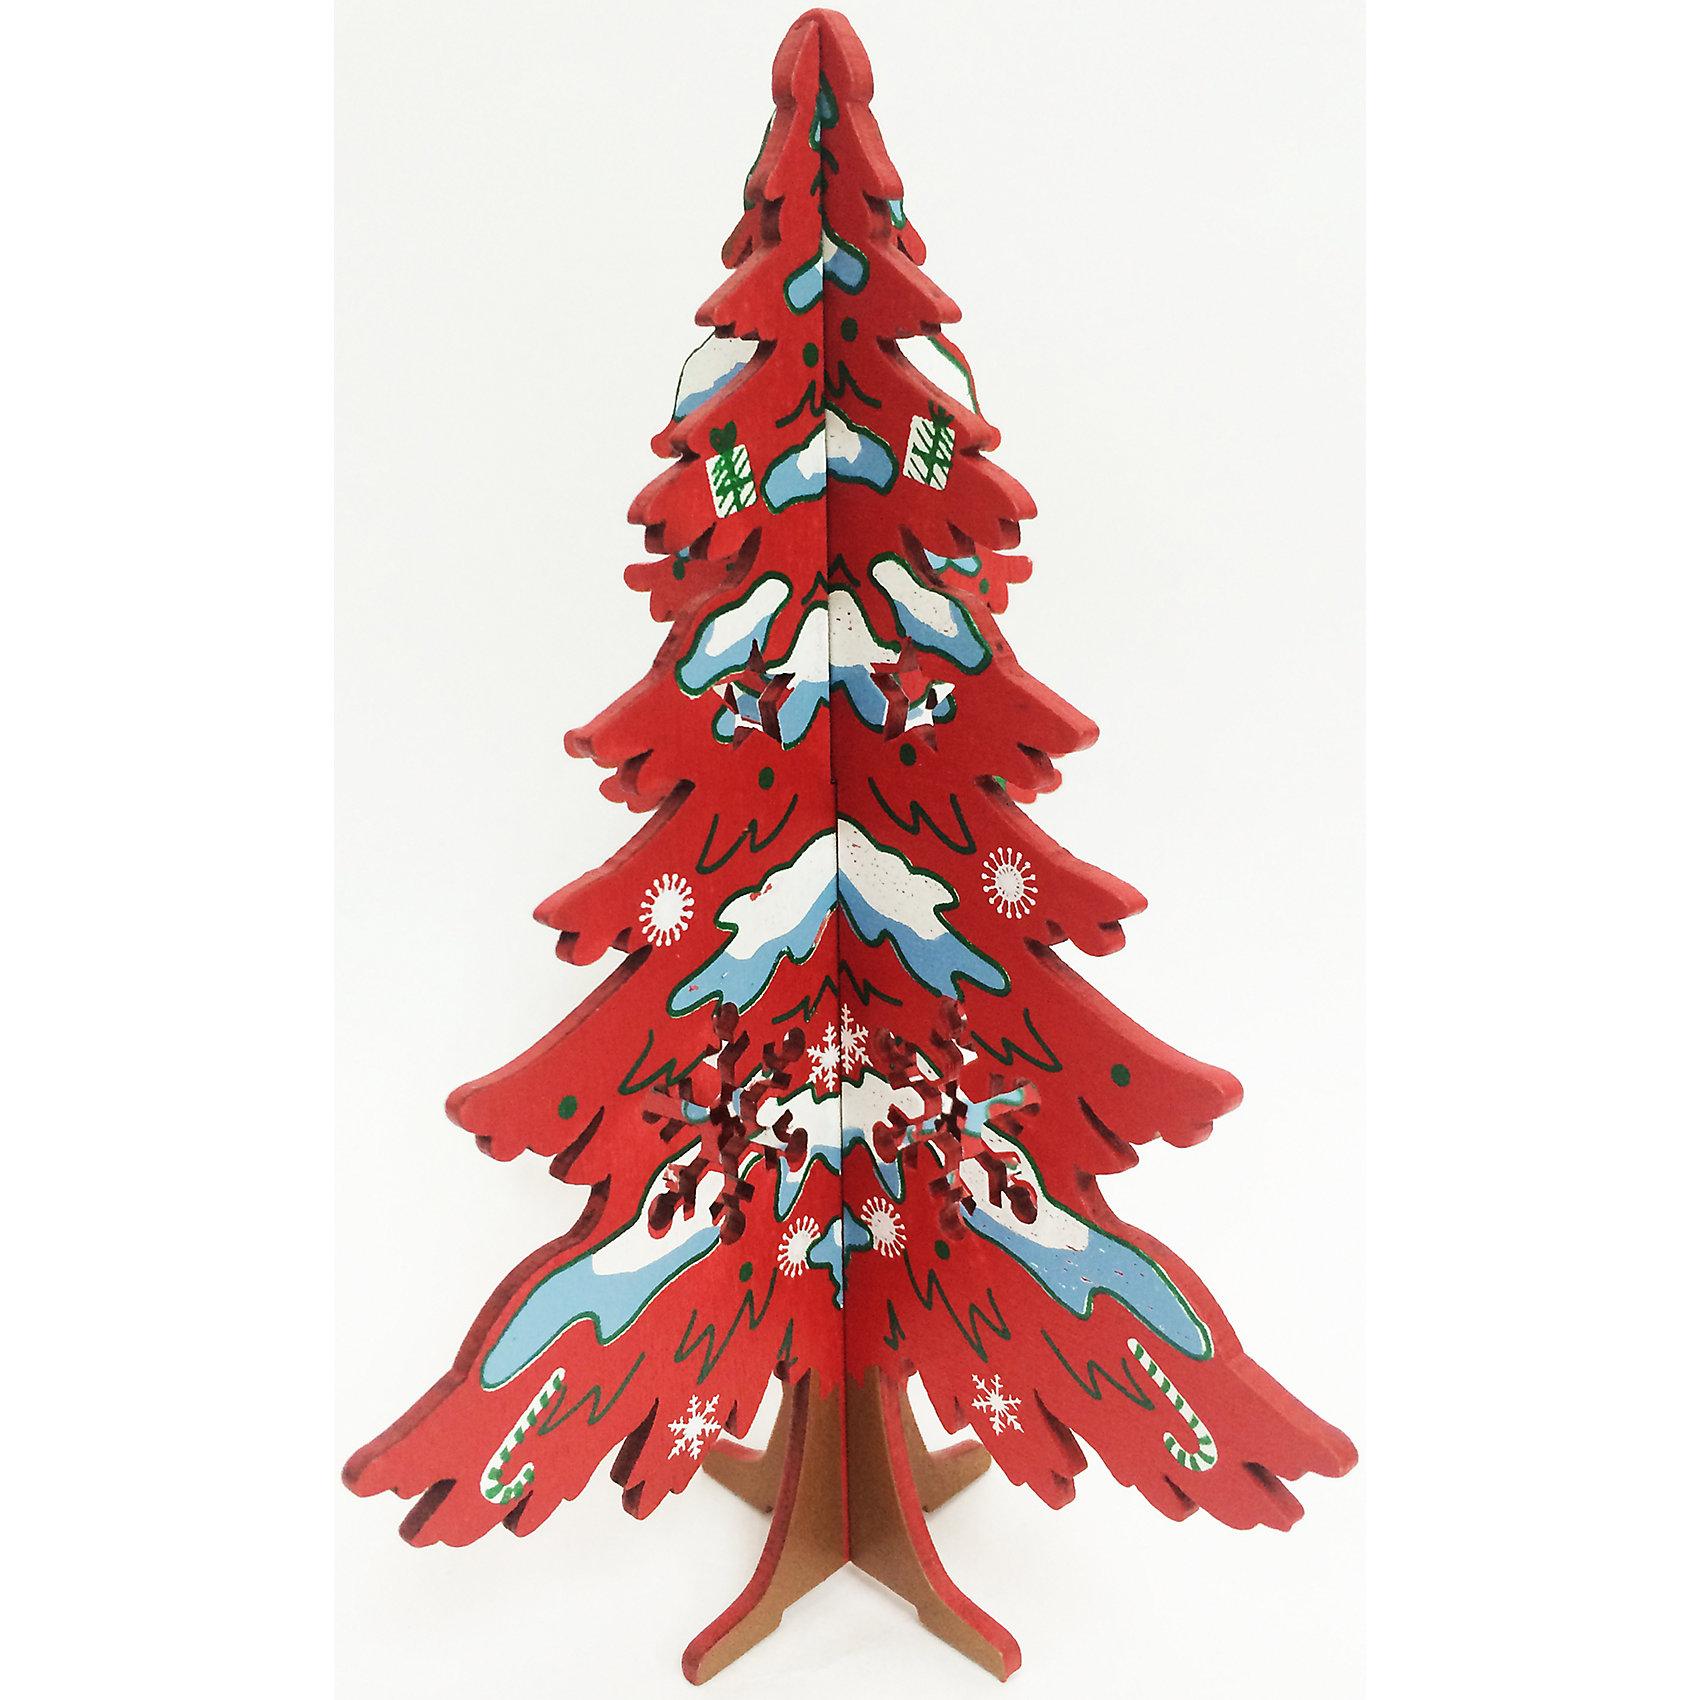 Феникс-Презент Новогодняя ель из МДФ Красная ёлочка со снежинкой (14,5 см) феникс презент